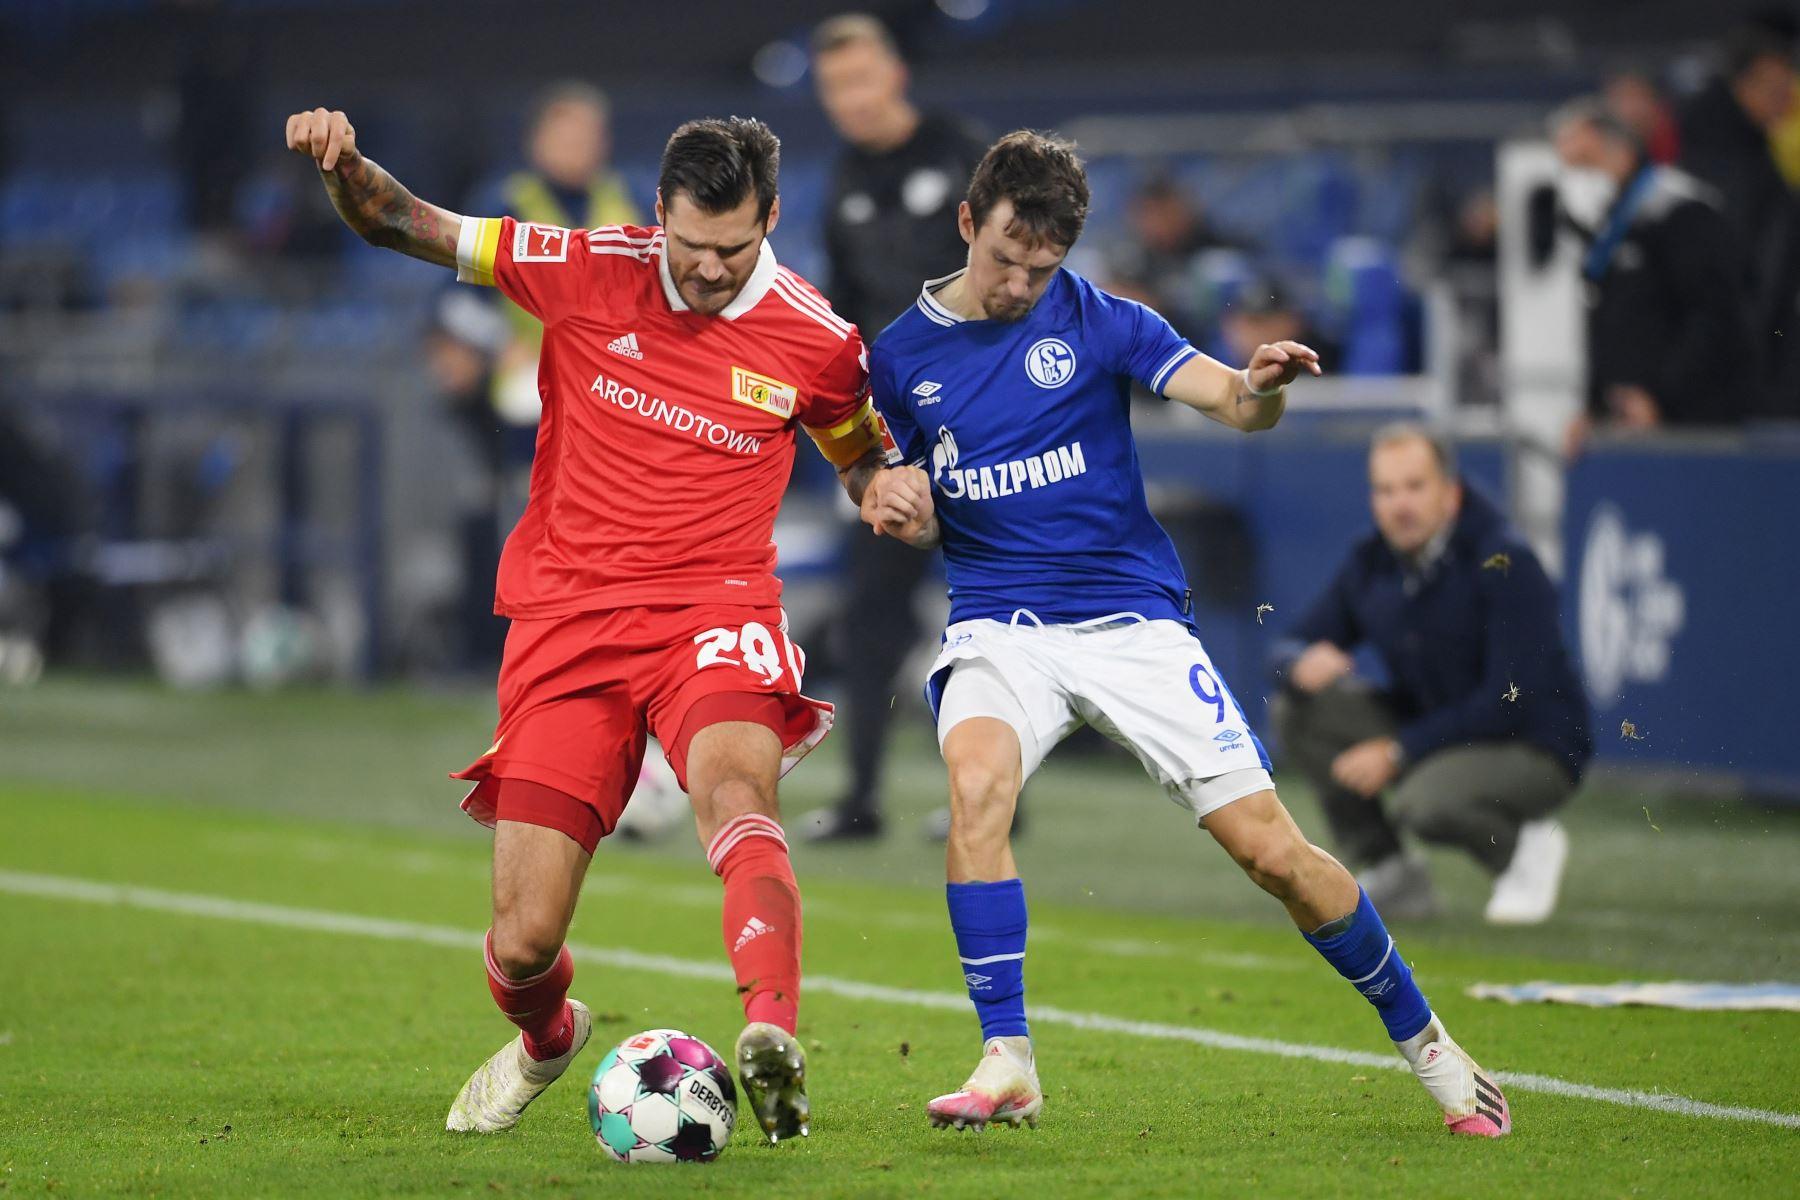 Christopher Trimmel FC Union Berlin lucha por el balón contra Benito Raman del FC Schalke 04 durante el partido de la Bundesliga en el Veltins-Arena en Gelsenkirchen, Alemania. Foto: EFE